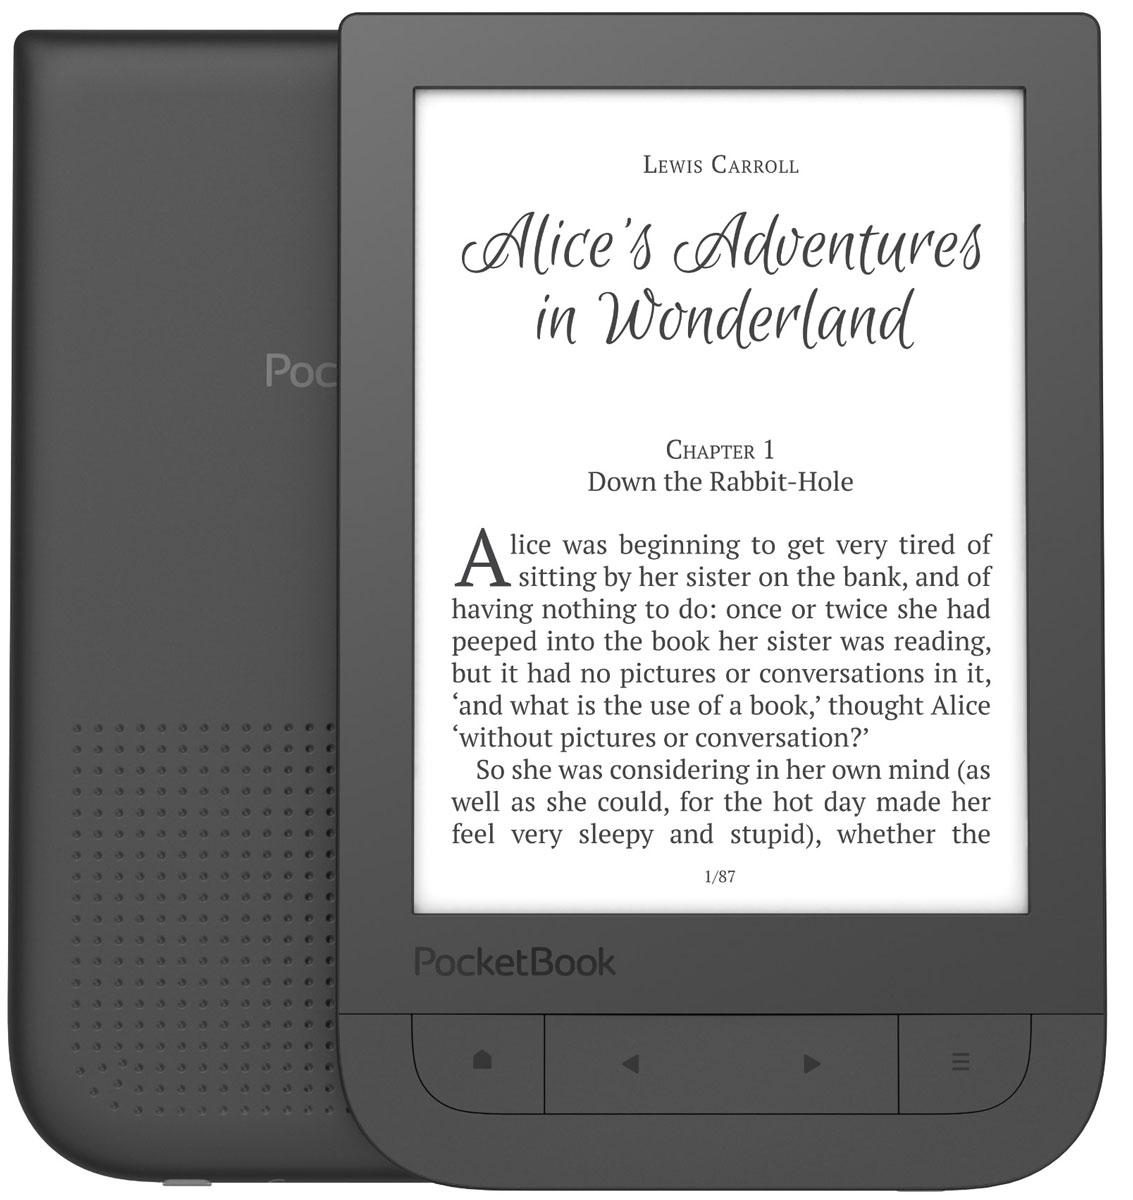 PocketBook 631 Touch HD электронная книгаPB631-E-RUPocketBook 631 Touch HD выполнен в лучших традициях PocketBook, обладает инфракрасным мультисенсорным экраном, светодиодной подсветкой, встроенным Wi-Fi модулем, 8 ГБ встроенной памяти, производительным процессором с тактовой частотой 1 ГГц и 512 МБ оперативной памяти. Инфракрасный экран E Ink Carta с HD разрешением (1072х1448) и 300 DPI, гарантирует высокую контрастность, четкость изображения и баланс между белым и черным цветами электронной страницы. Ридер станет приятным сюрпризом для тех, кто любит читать и слушать музыку одновременно. PocketBook 631 Touch HD получил все необходимые функции для воспроизведения аудио-файлов - поддерживает формат mp3, имеет стандартный 3,5 мм аудио-разъем. Те же функции дают возможность слушать аудио-книги в формате mp3. Благодаря функции Text-to-speech, которая преобразует текст в устную речь, ридер может читать вслух книгу или документ в любом из 18 текстовых форматов, поддерживаемых устройством. Пользователь...